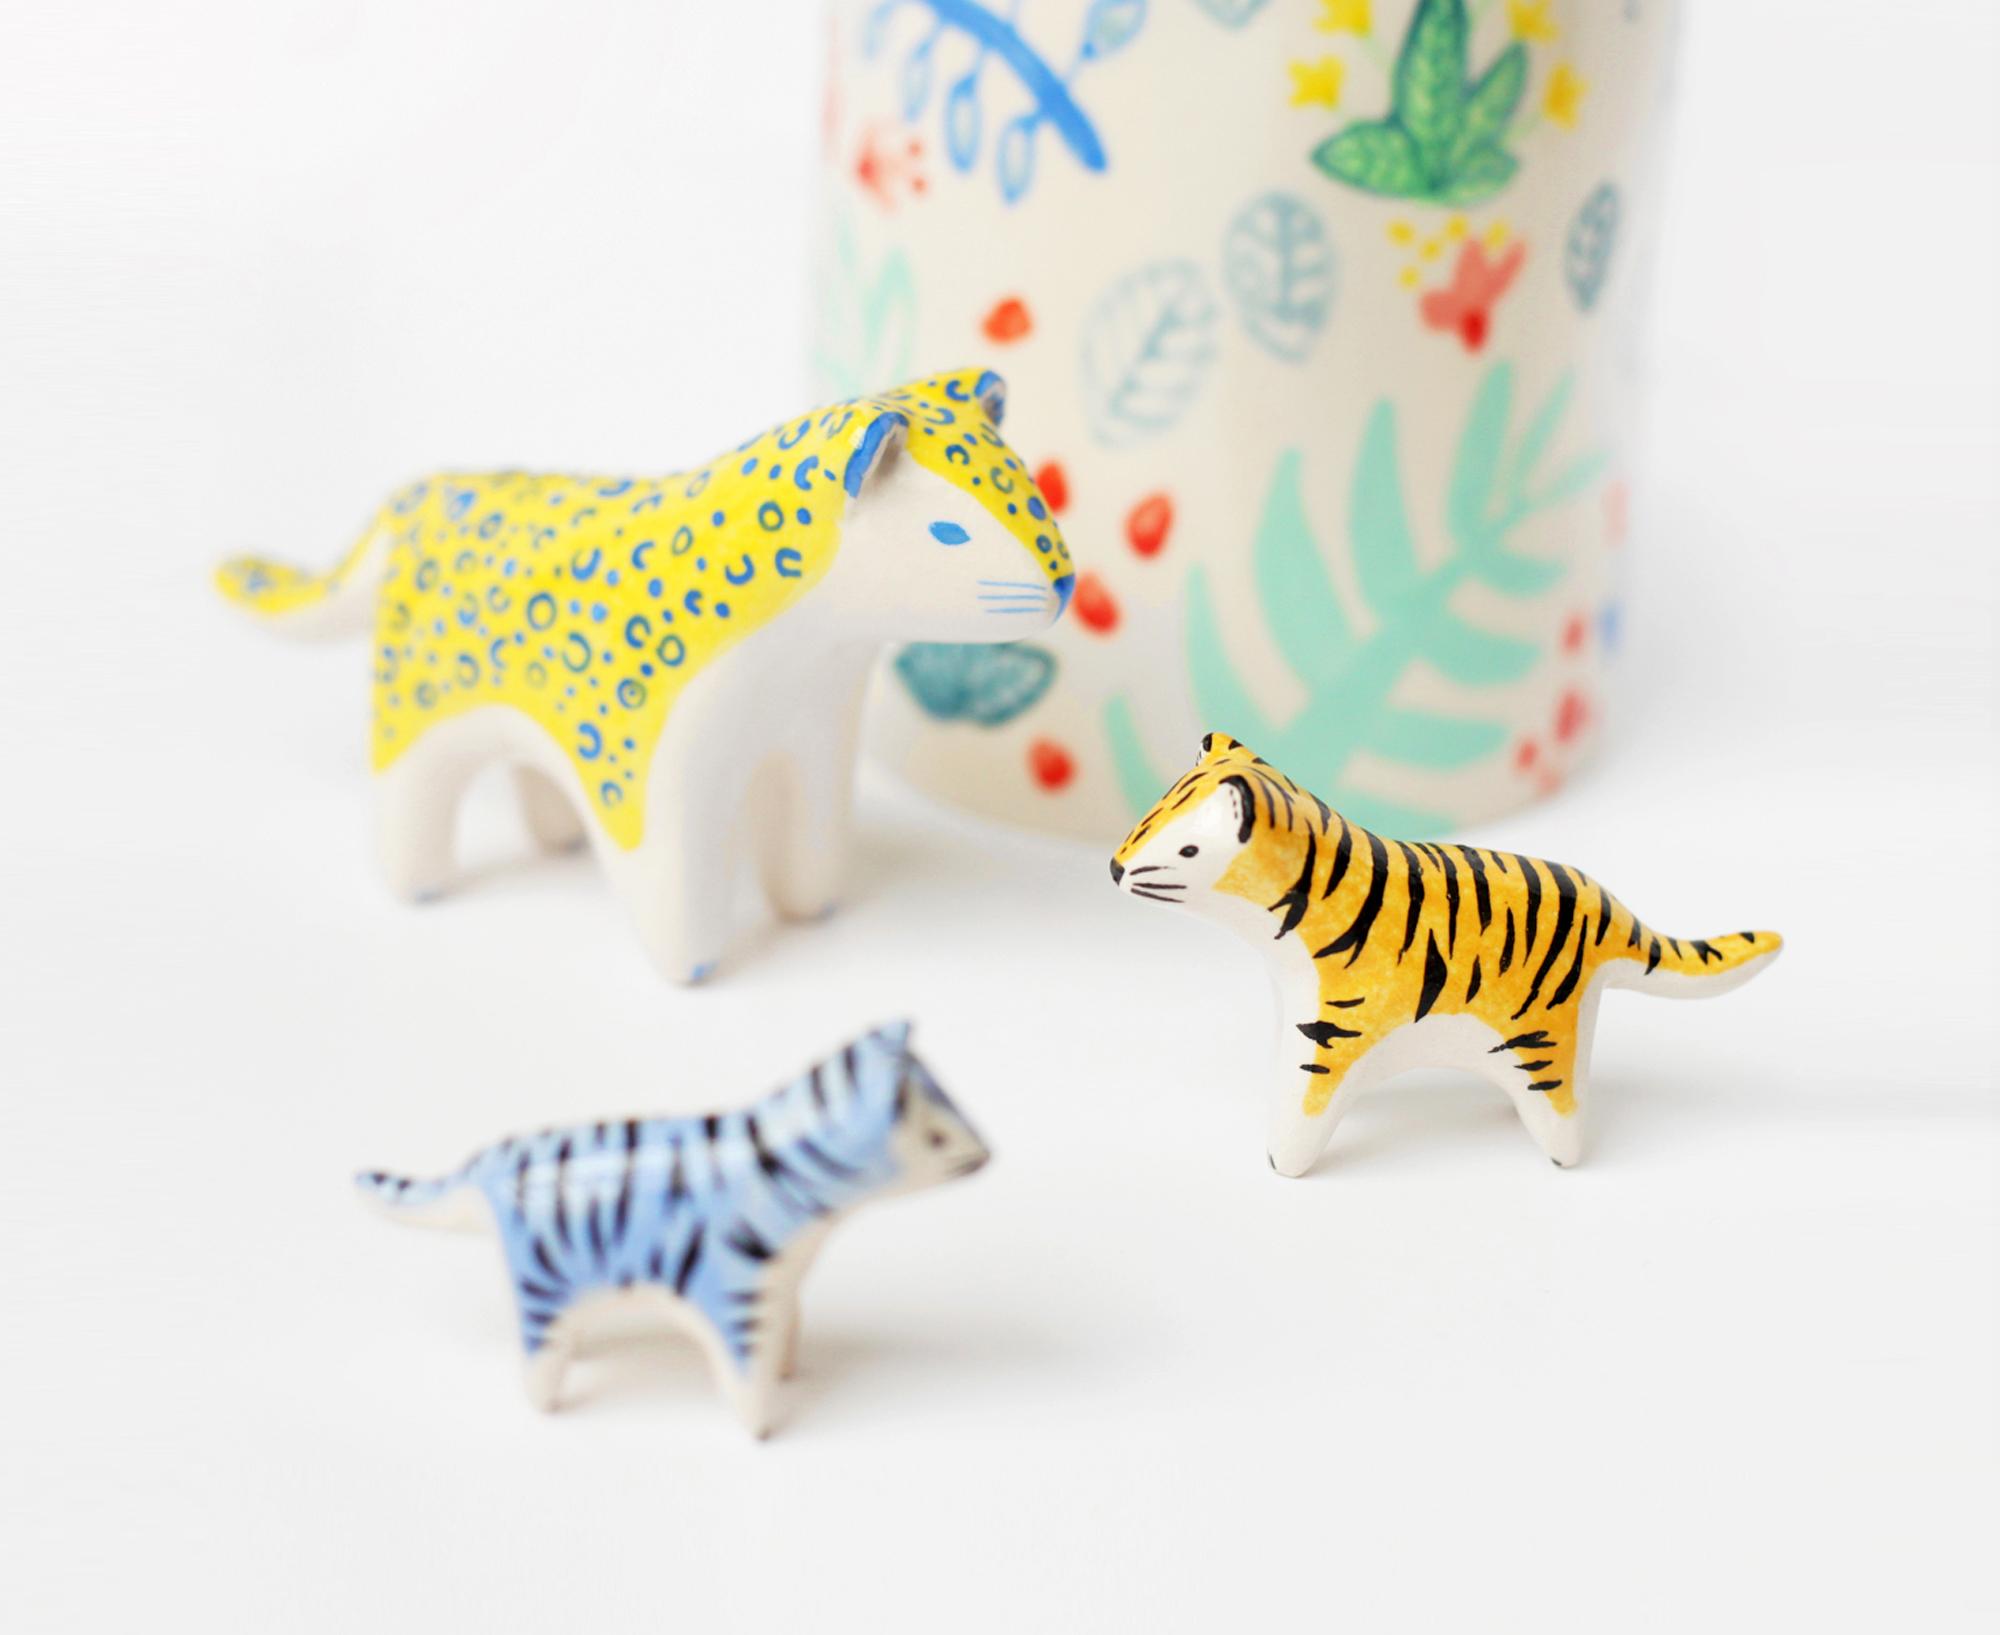 leopard et mini tigre devant bouteille